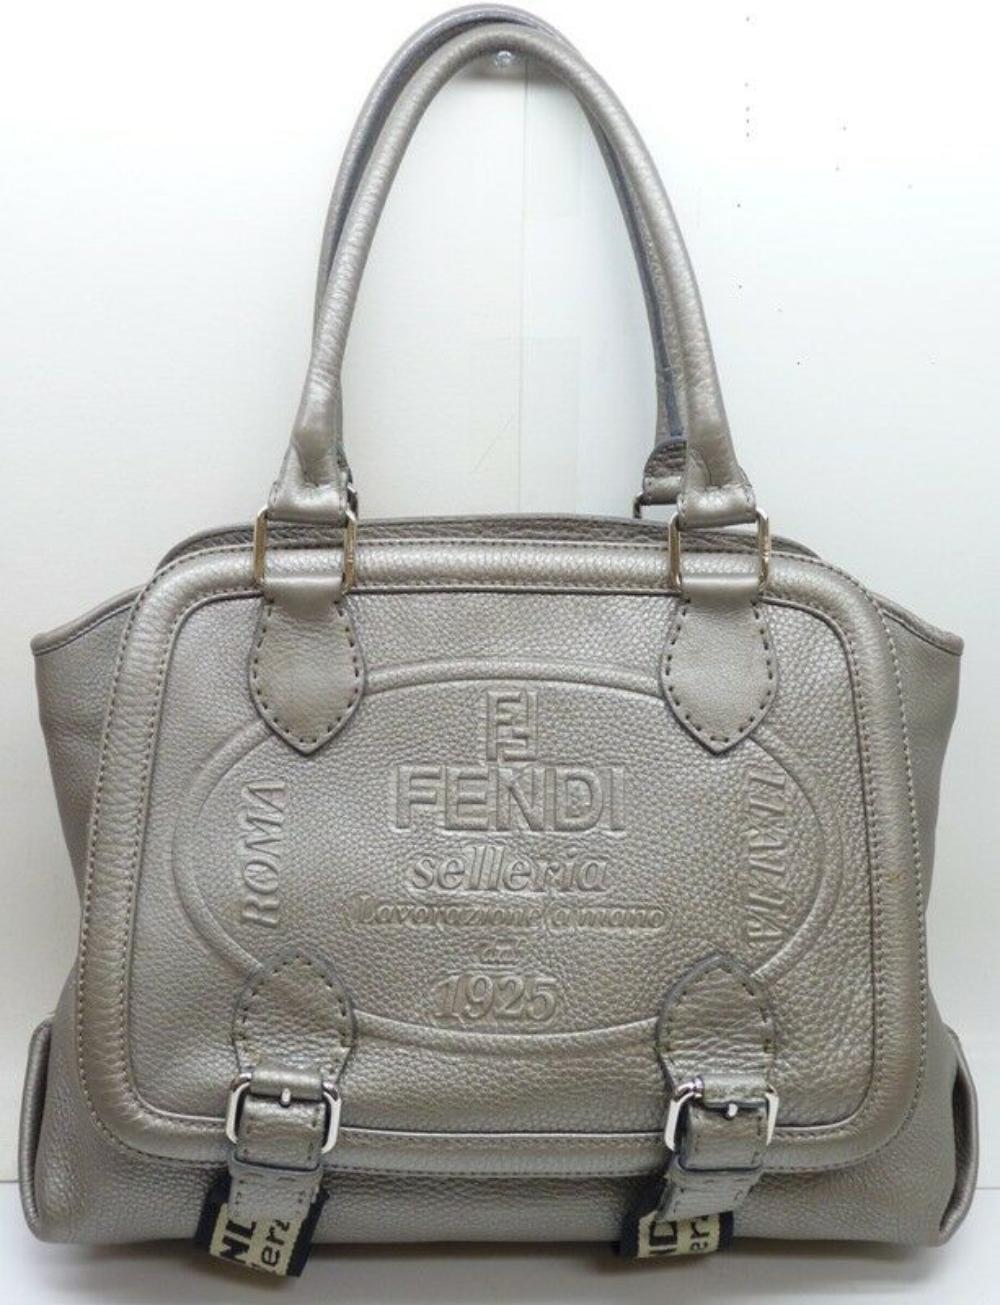 FENDI Selleria Lavorazione a mano 1925 Silver Leather Bag Limited Edition